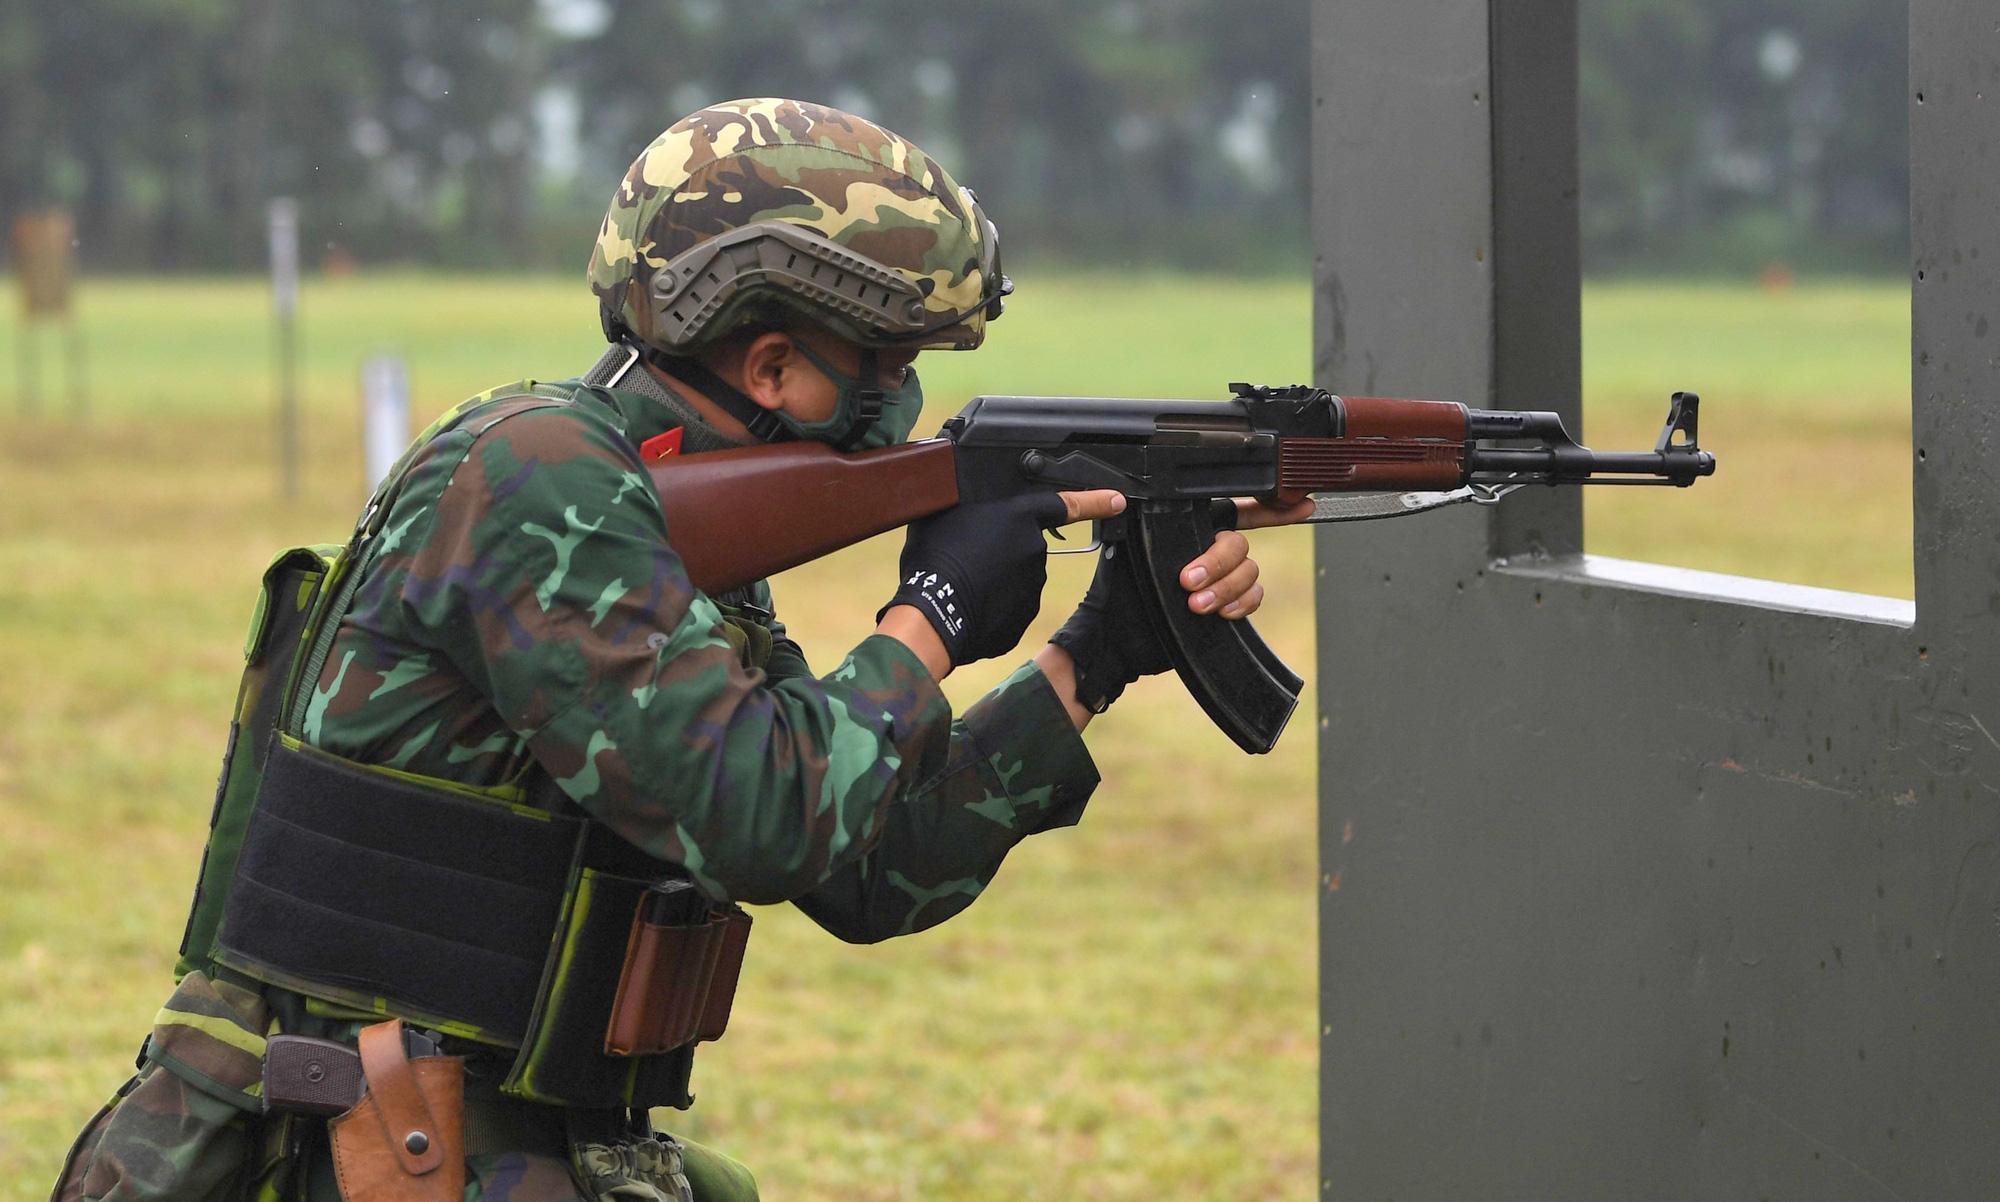 [PHOTO ESSAY] Army Games 2021: Hành trình quyết thắng của đội tuyển QĐND Việt Nam qua 12 con số đặc biệt - Ảnh 4.